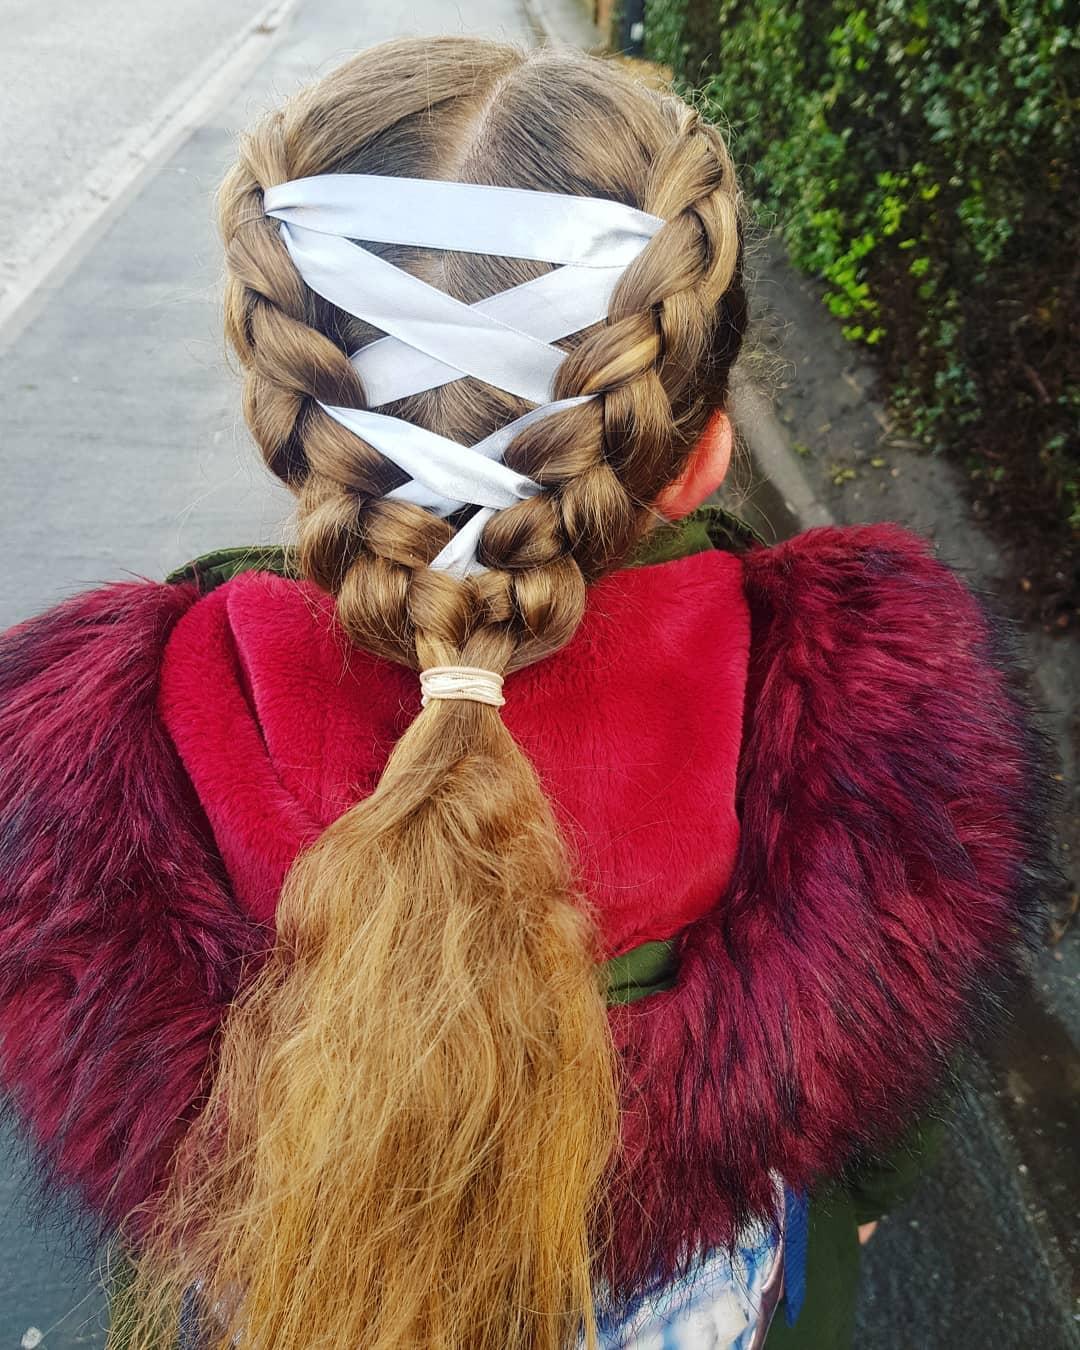 Cabelo-elegante-Tranças-de-espartilho,-idéias-de-penteados-modernos